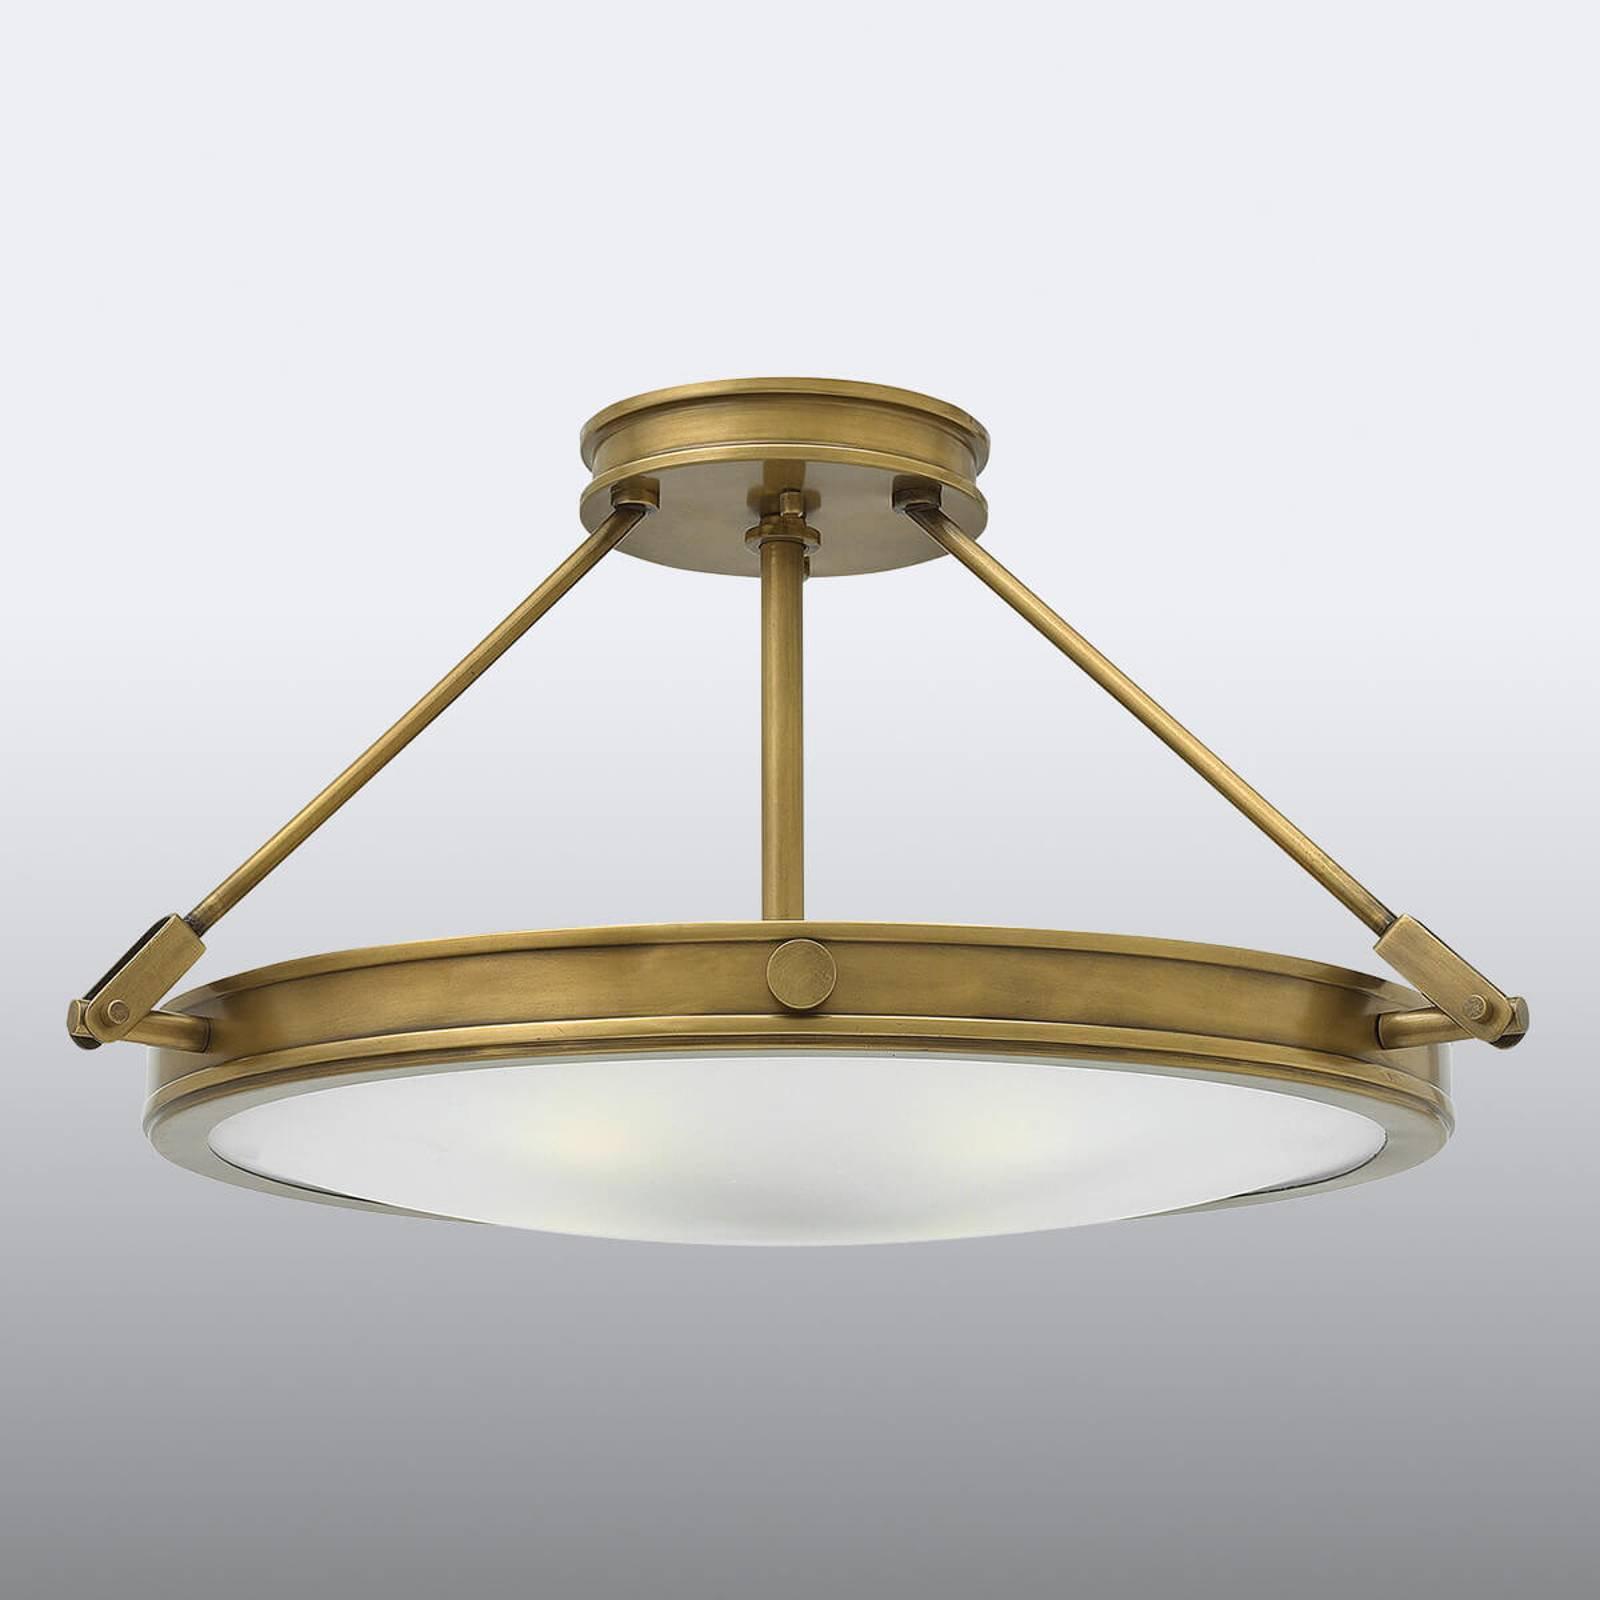 Taklampe med avstandsstykke Collier 55,9cm